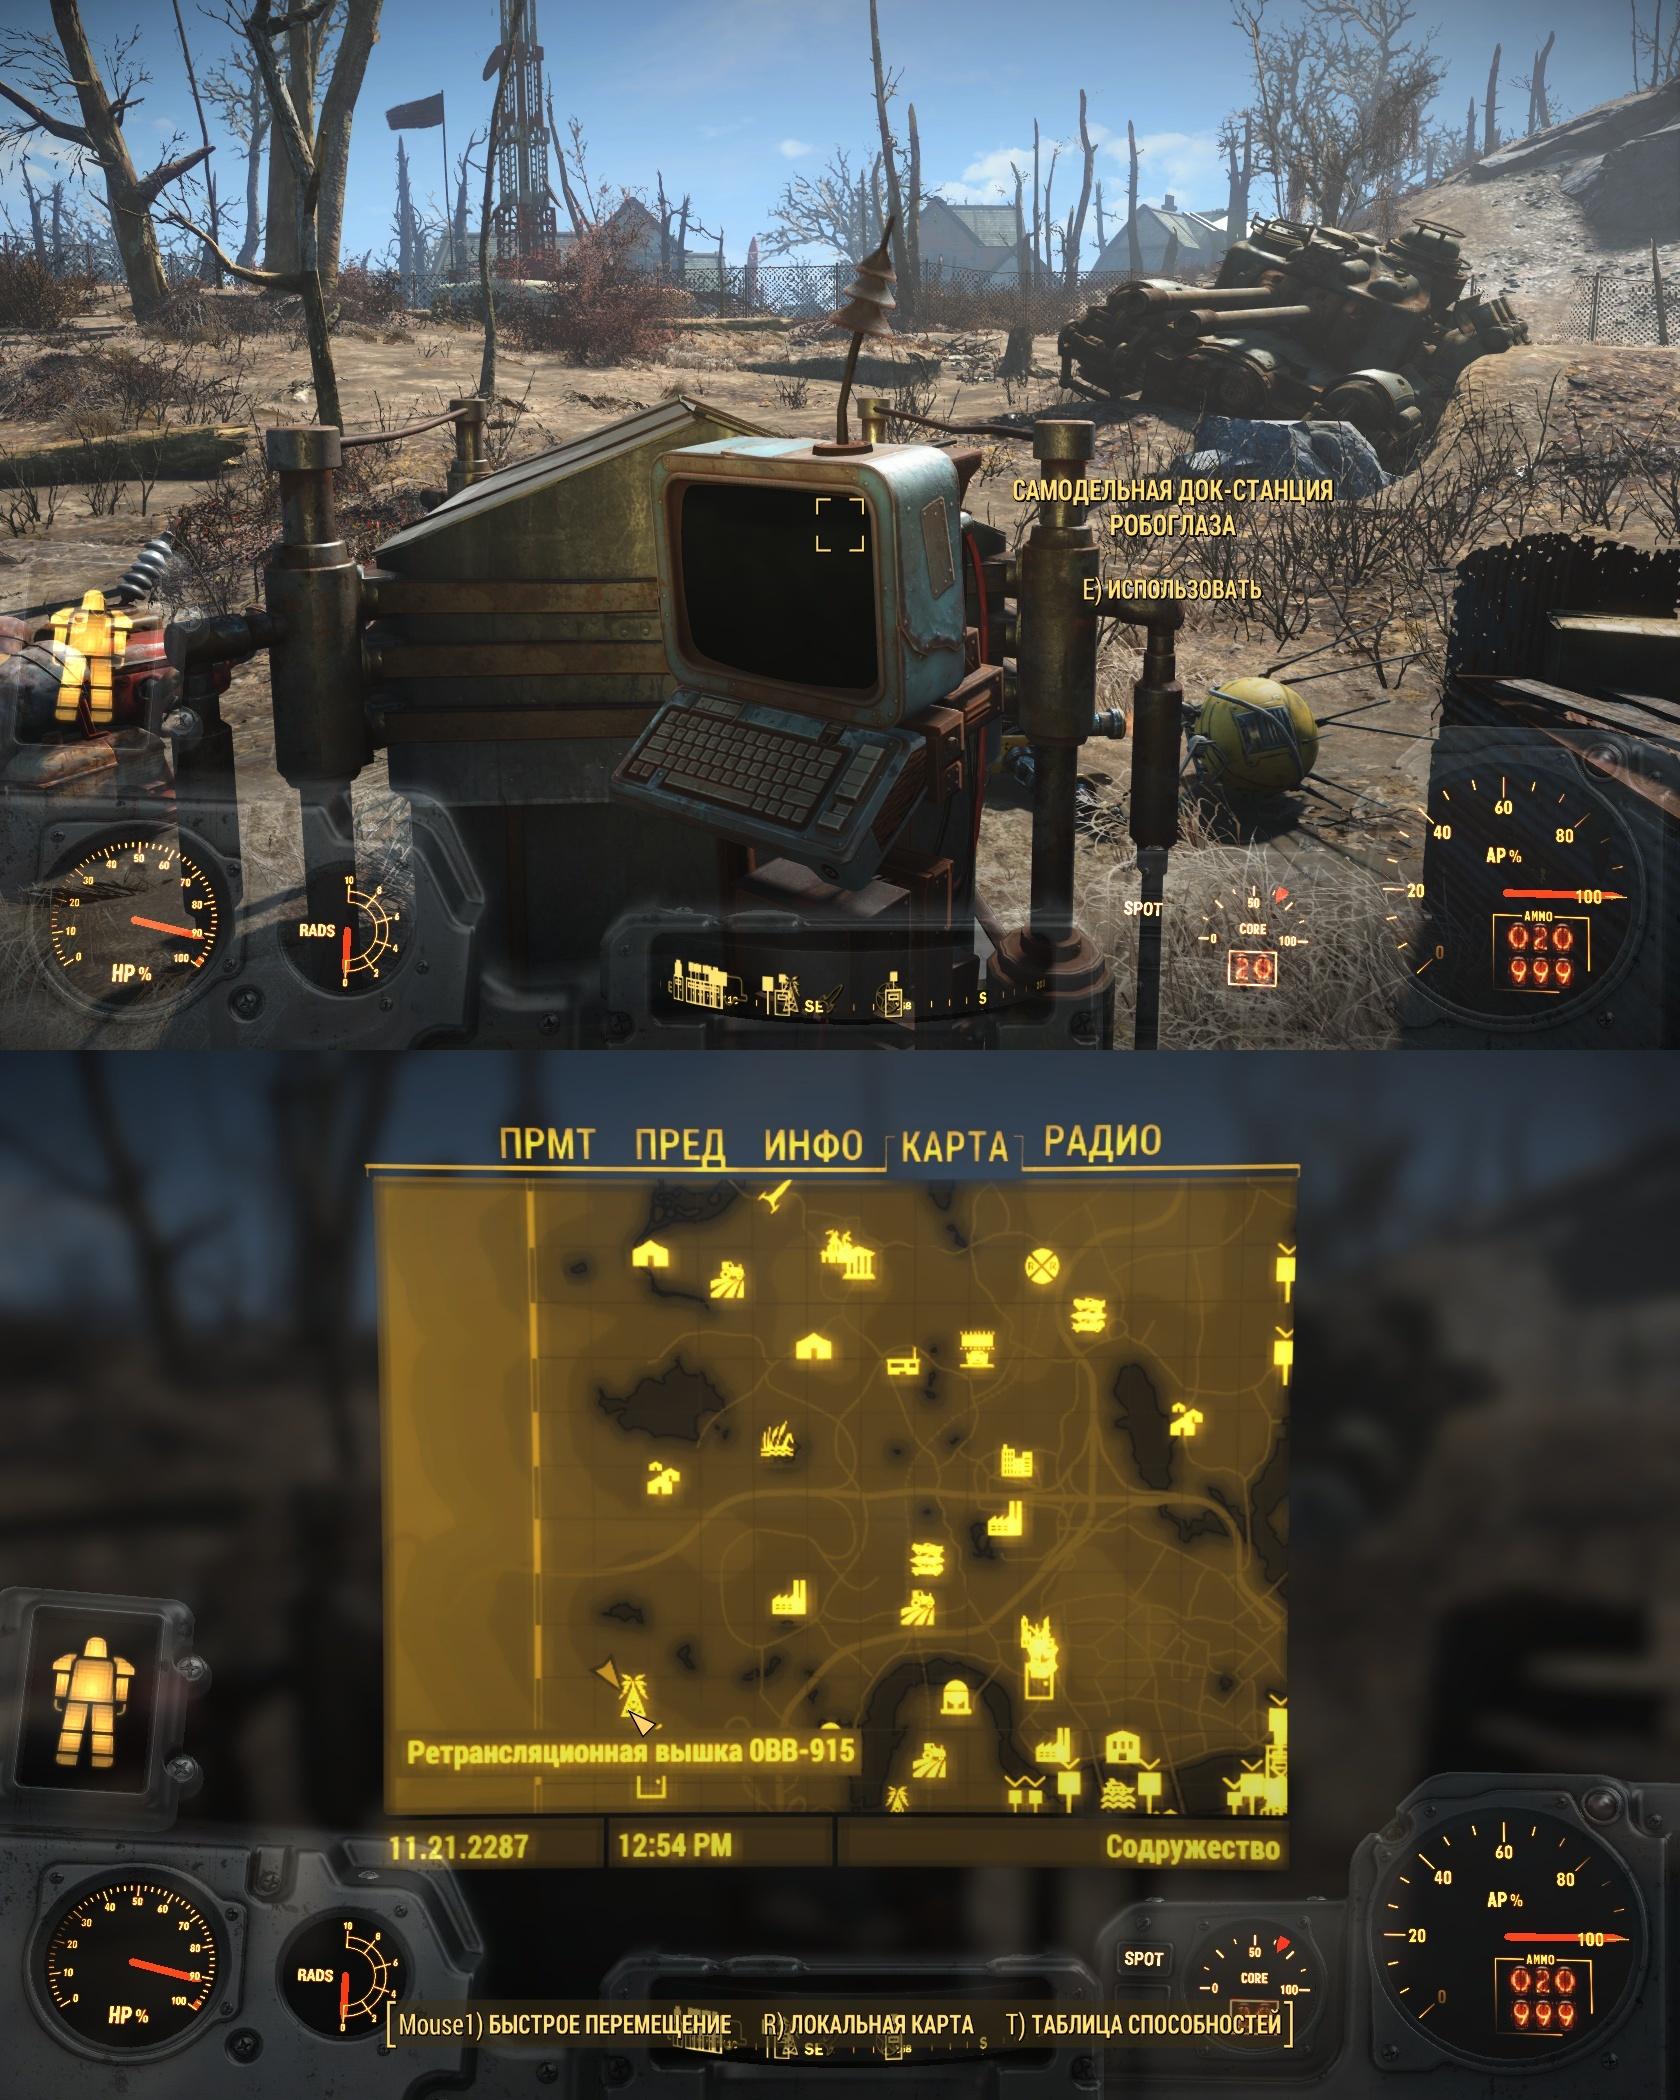 Самодельная док-станция робоглаза #3 - Fallout 4 Локация, Самодельная, станция